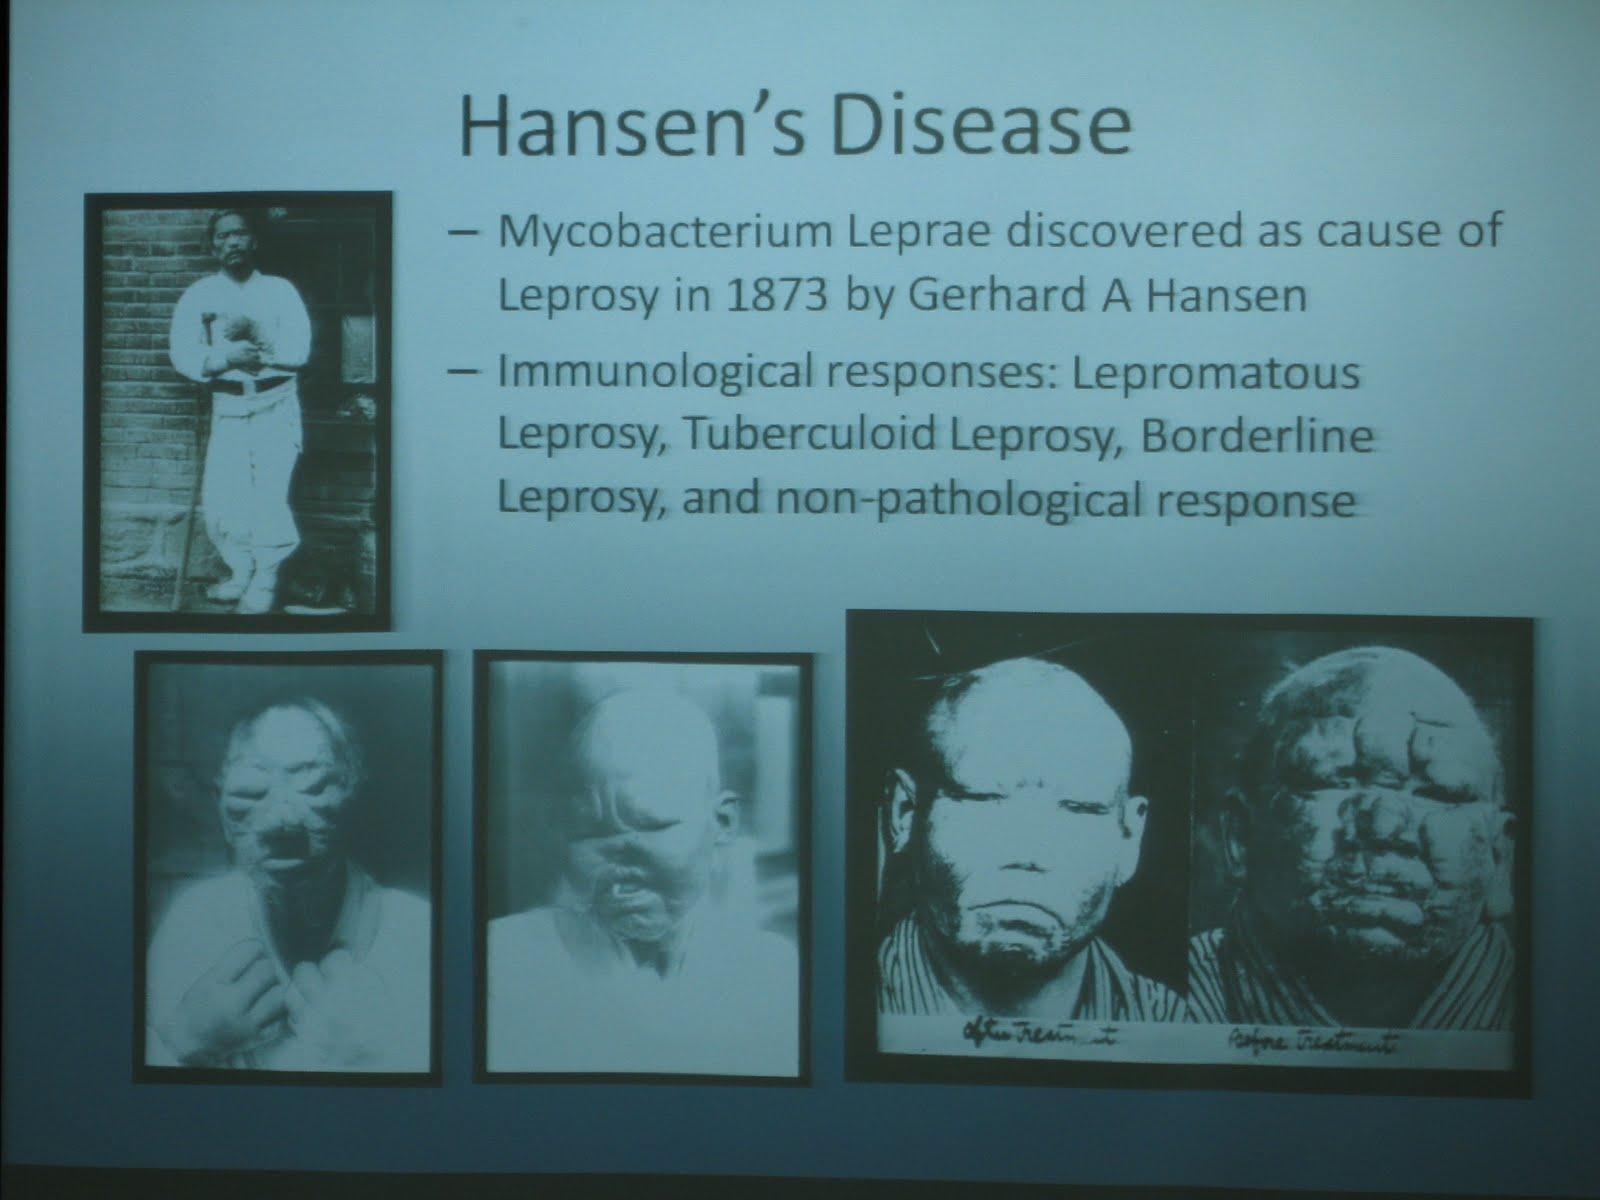 ocular manifestations in hansen s disease Primary eyecare in systemic disease  (hansen disease)  drug and alcohol abuse --ocular manifestations of systemic disease --selected laboratory diagnosis tests.